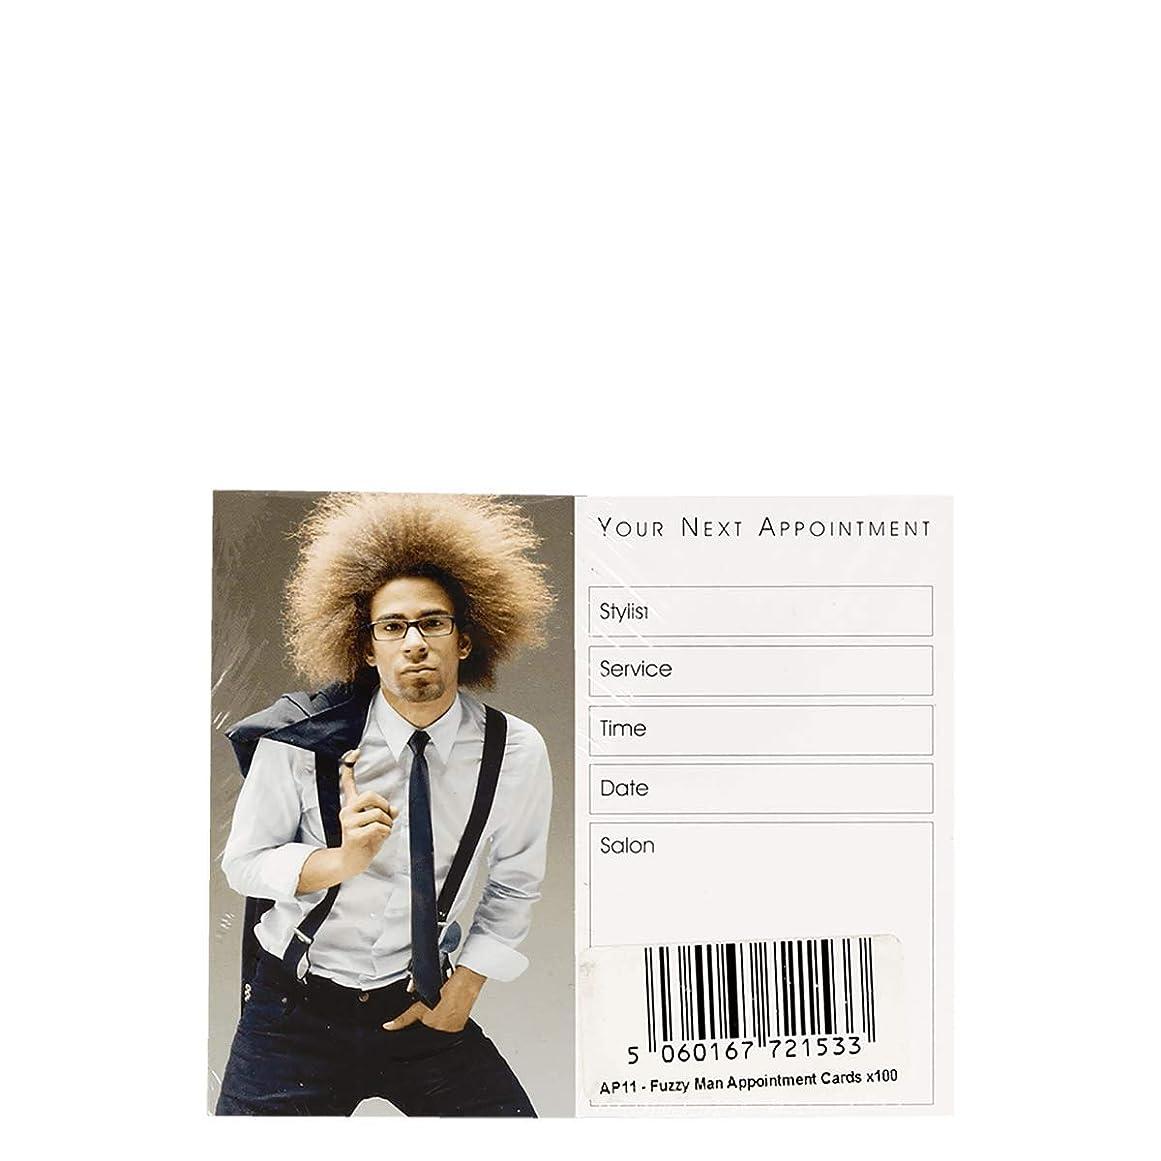 ロープ石化する経験者アポイントメントカード Appointment Cards- AP11 FUZZY MAN CARDS x100[海外直送品] [並行輸入品]